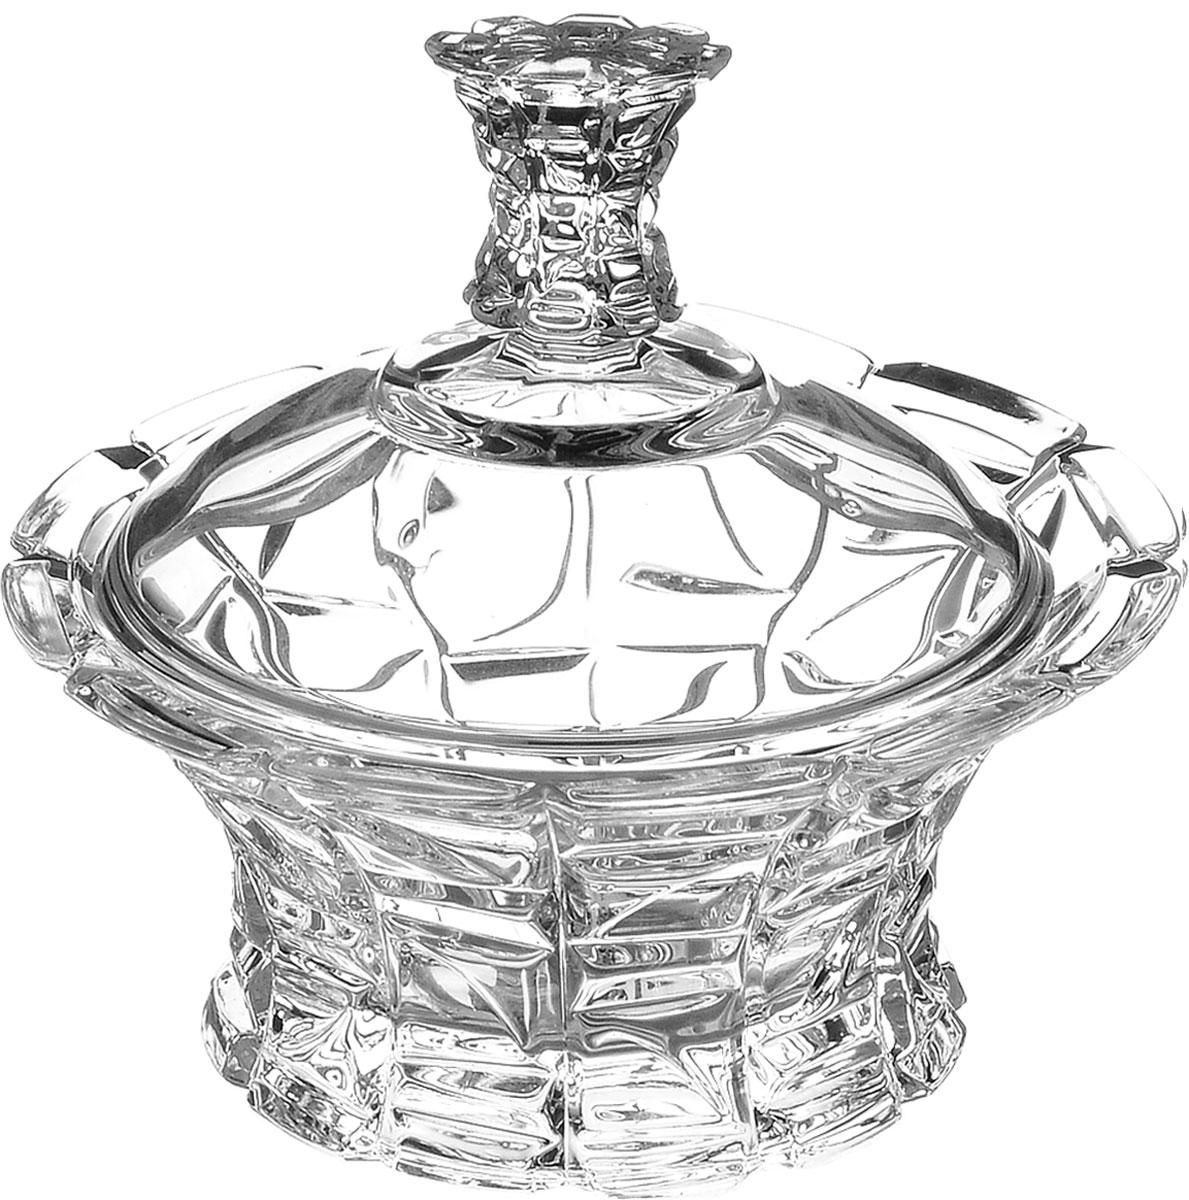 Конфетница Crystal Bohemia, с крышкой, диаметр 12,5 см990/53703/1/47610/125-109Элегантная конфетница Crystal Bohemia выполнена изнастоящего чешского хрусталя с содержанием 24% оксидасвинца, что придает изделию поразительную прозрачность ичистоту, невероятный блеск, присущий только ювелирнымизделиям, особое, ни с чем не сравнимое светопреломлениеи игру всеми красками спектра как при естественном, так ипри искусственном освещении. Изделие предназначено для подачи сладостей (конфет,сахара, меда, изюма, орехов и многого другого). Она придаетлегкость, воздушность сервировке стола и создаст особуюатмосферу праздника.Конфетница Crystal Bohemia не только украсит ваш кухонныйстол и подчеркнет прекрасный вкус хозяина, но и станетотличным подарком для ваших близких и друзей.Диаметр конфетницы (по верхнему краю): 12,5 см. Высота конфетницы (с учетом крышки): 11,5 см.